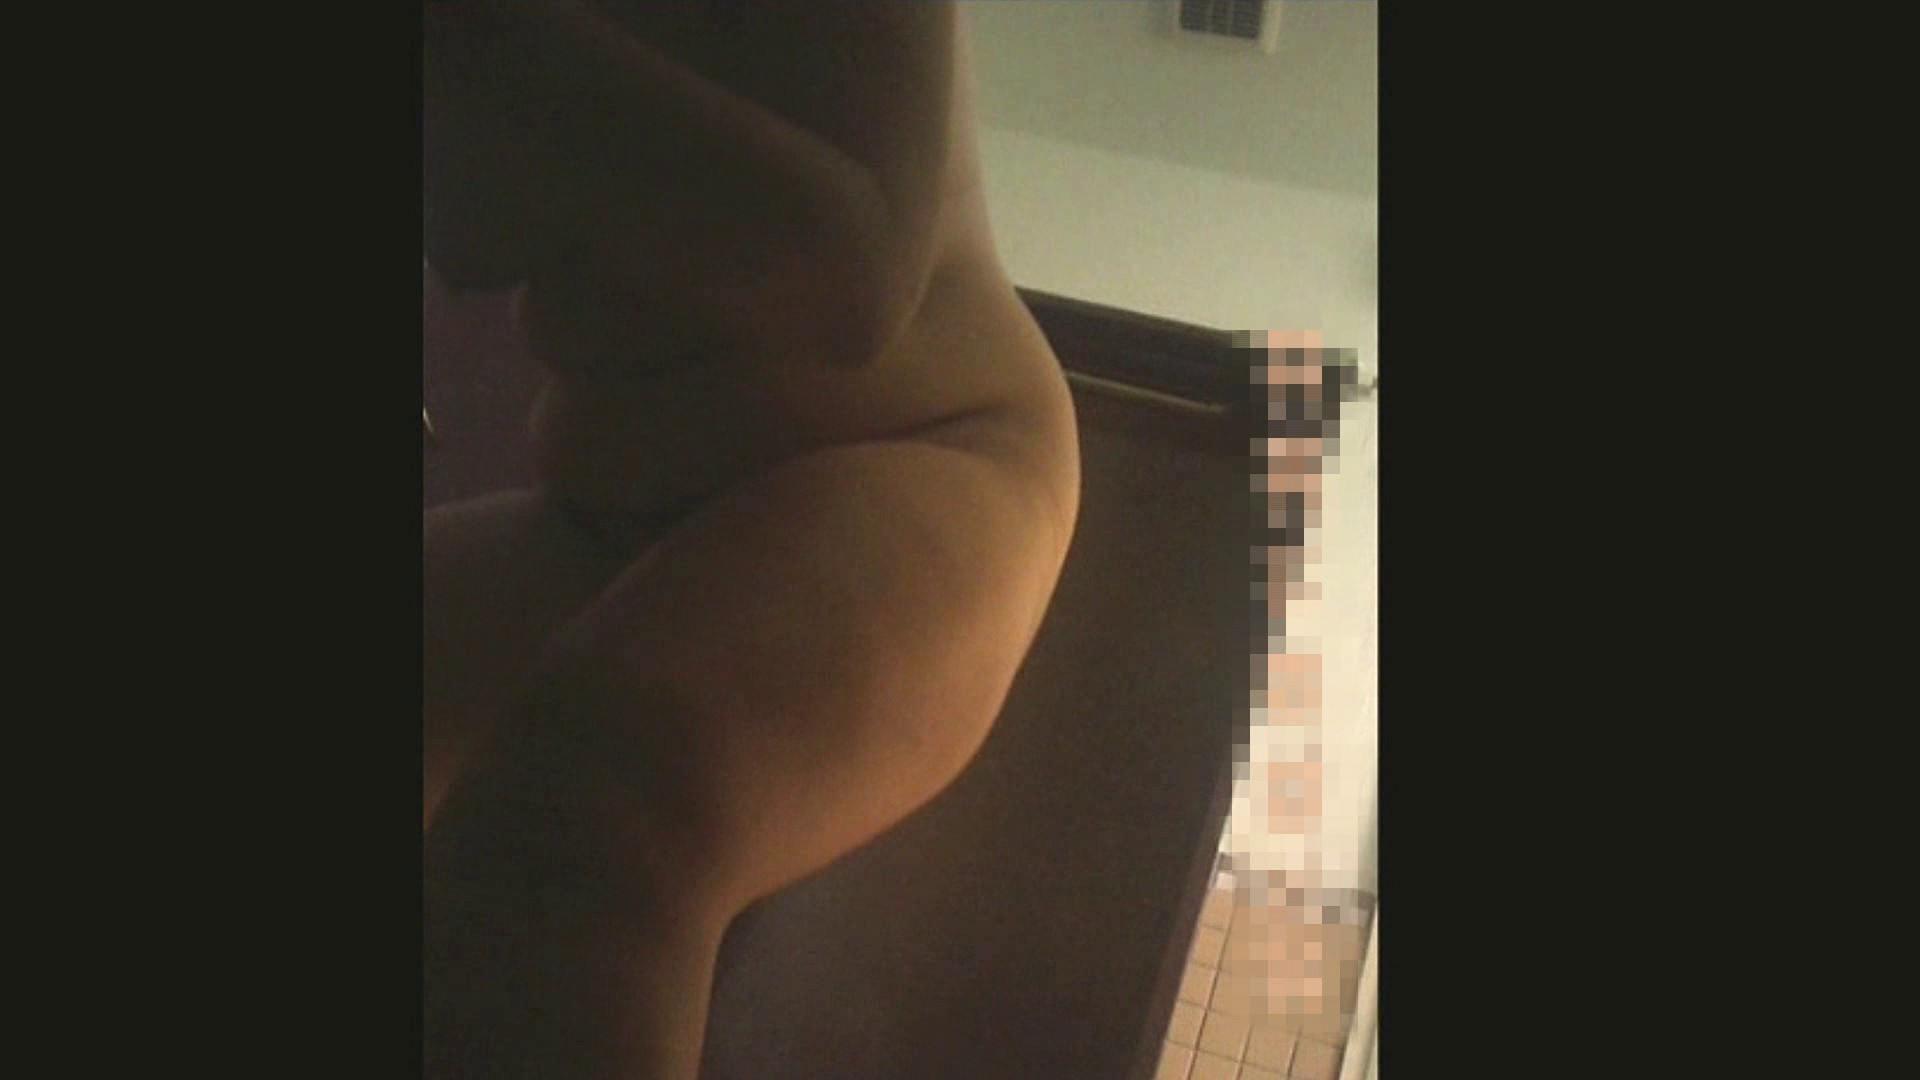 巨乳!韓国人留学生 チャ●MUちゃん  Vol.22 脱衣編 巨乳 | ホテル  94連発 94